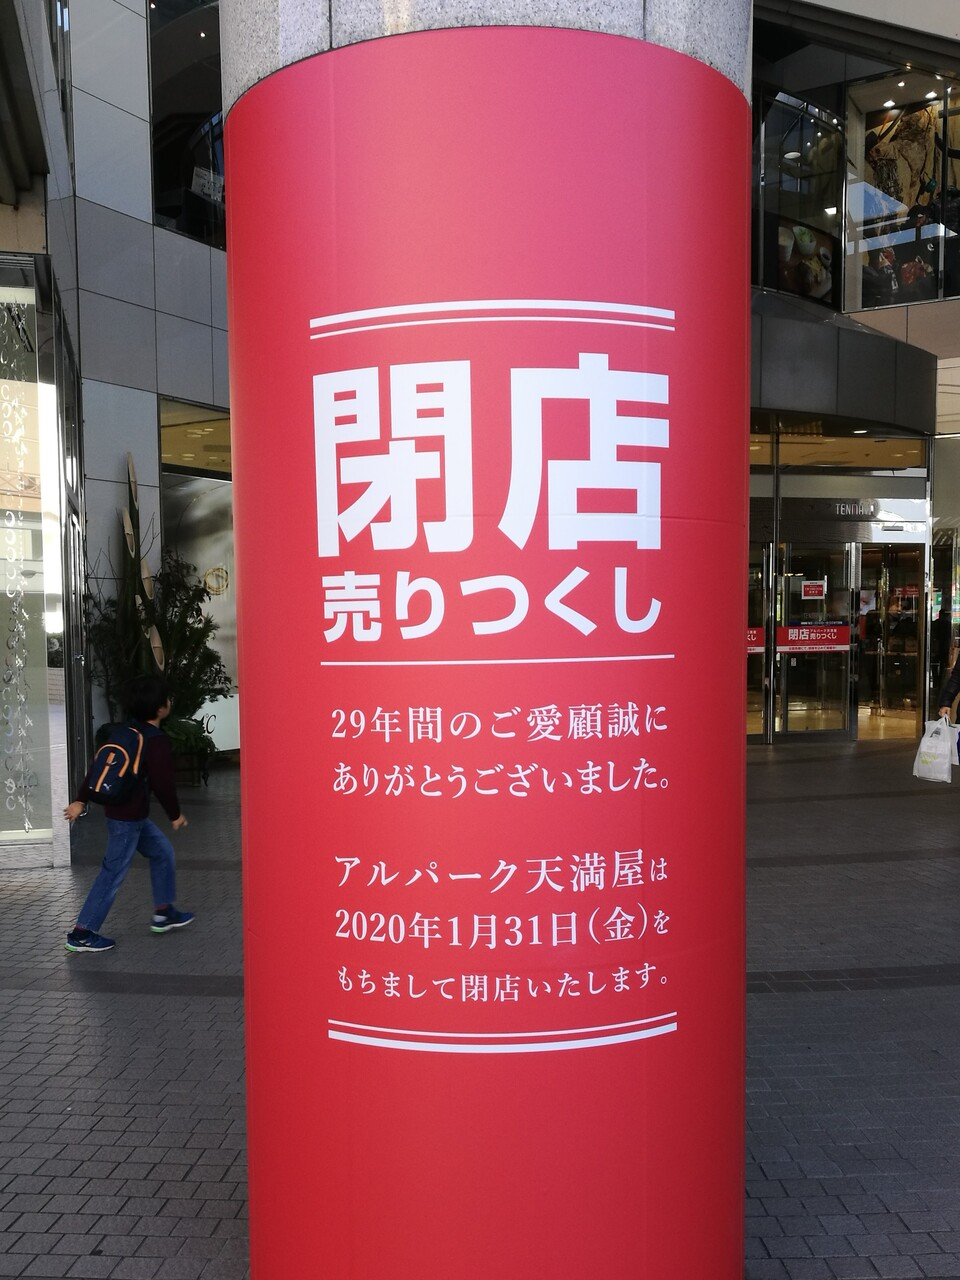 広島 アルパーク 閉店